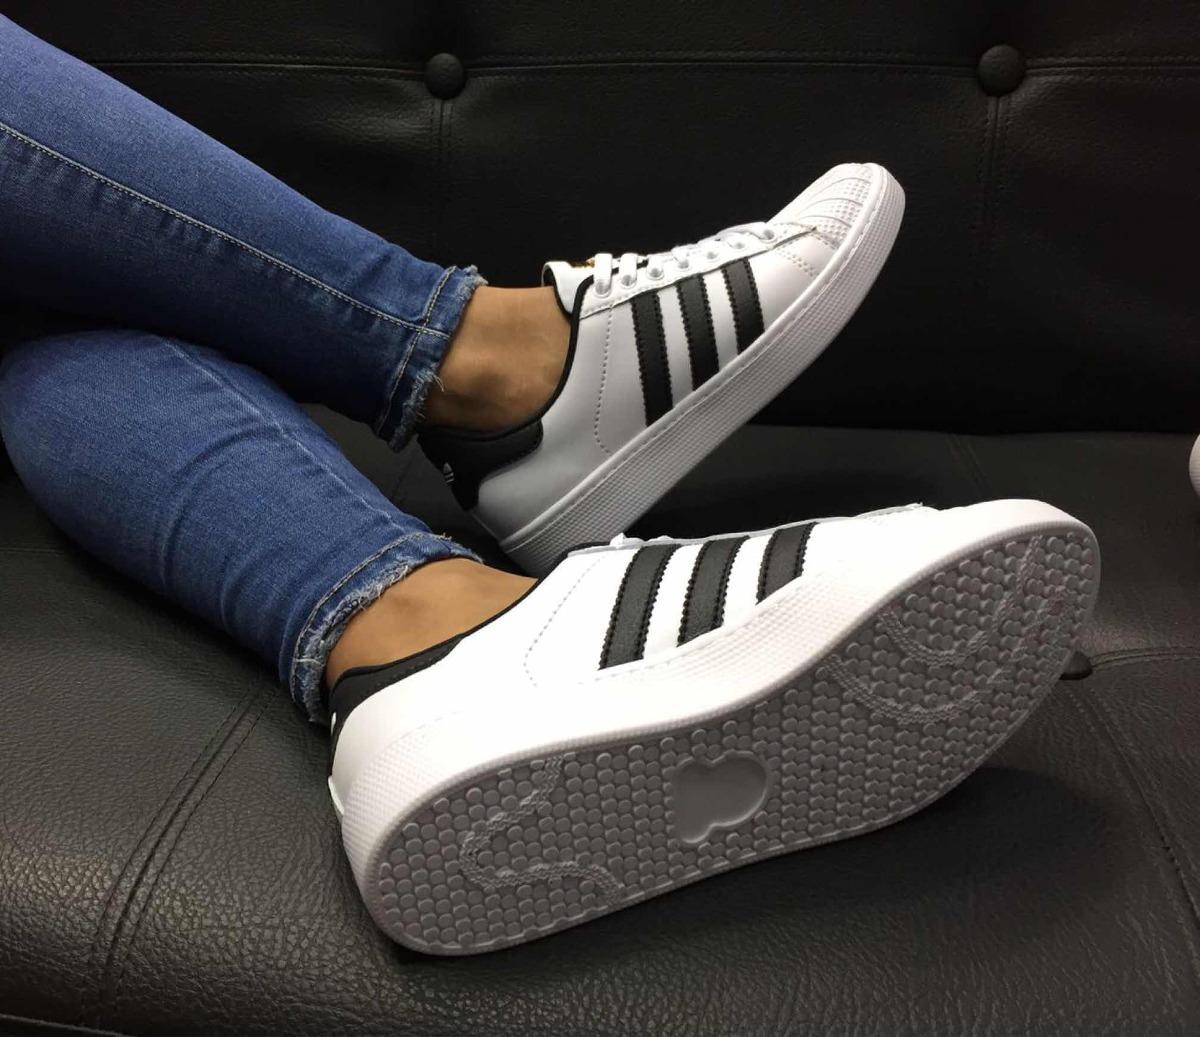 Súper Mujer Deportivo Adidas Dama 000 Zapato Tenis 72 Star En 6xqqSw7Ad